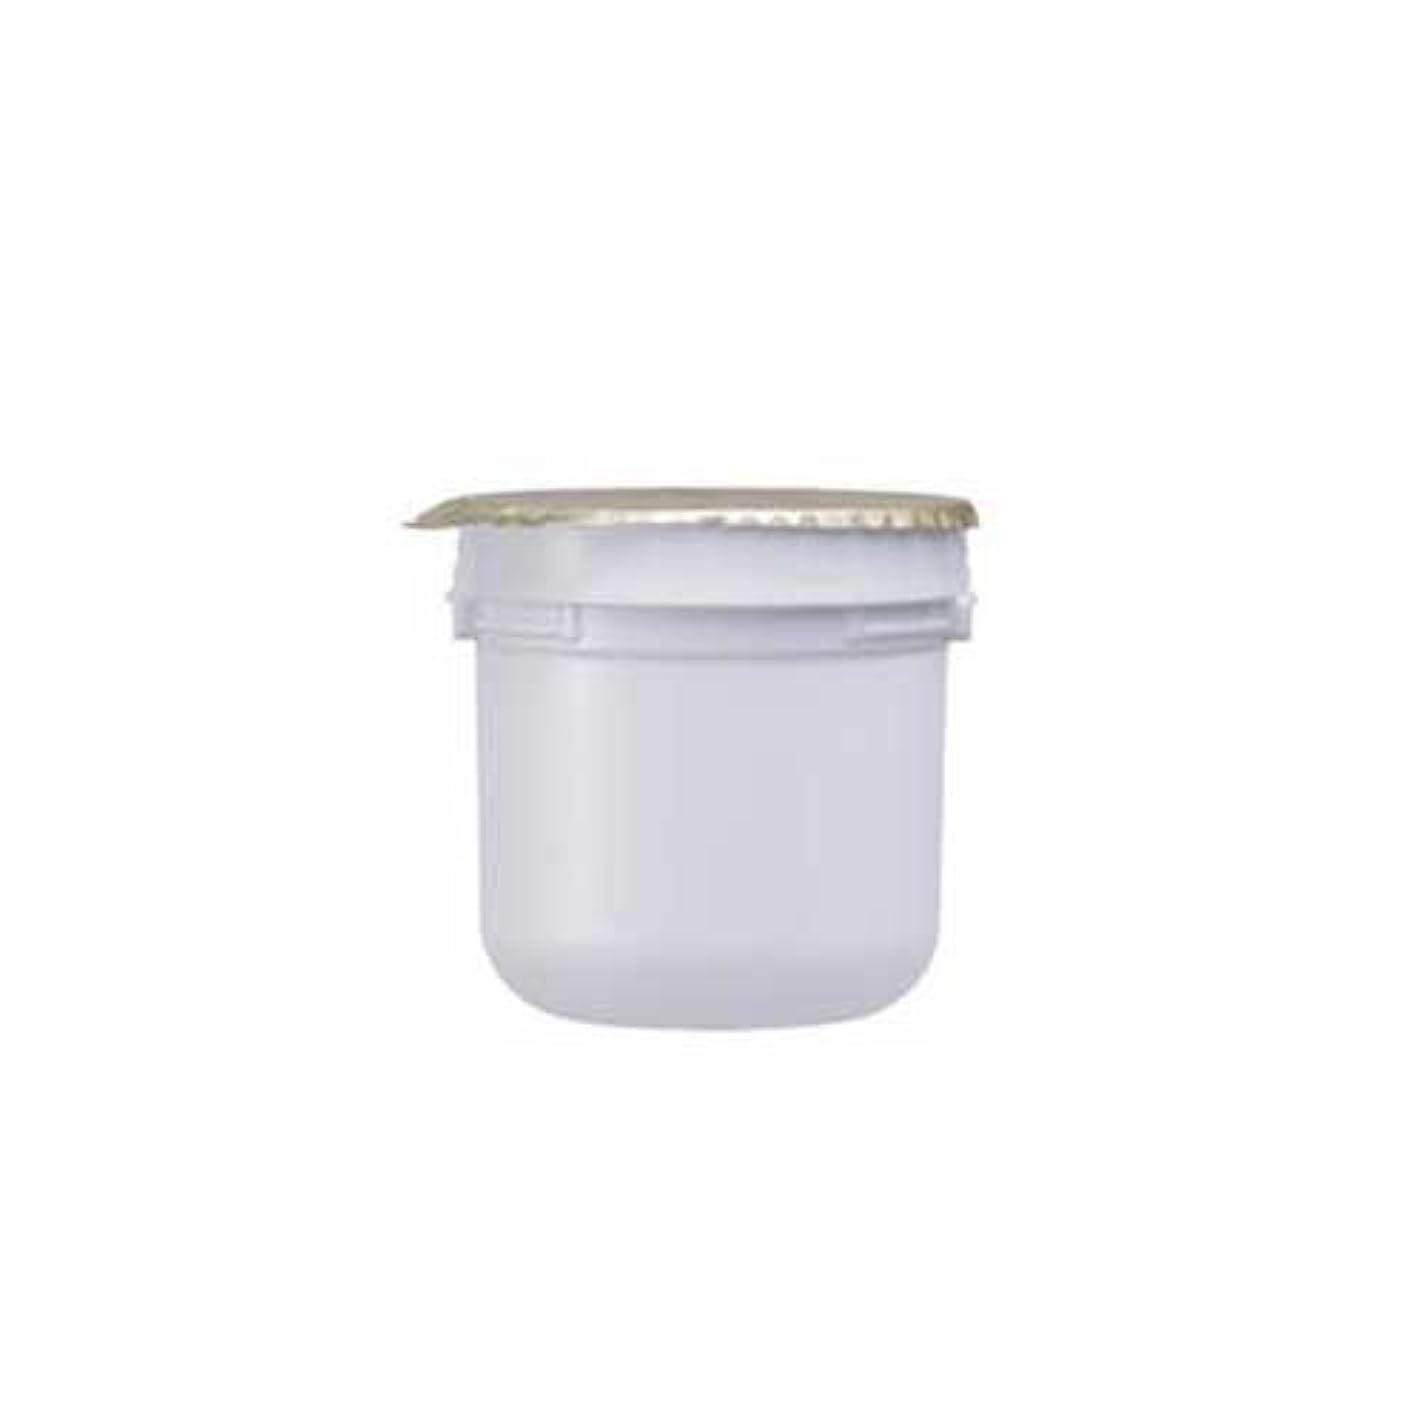 その結果販売員同意するASTALIFT(アスタリフト) ホワイト クリーム(美白クリーム)レフィル 30g